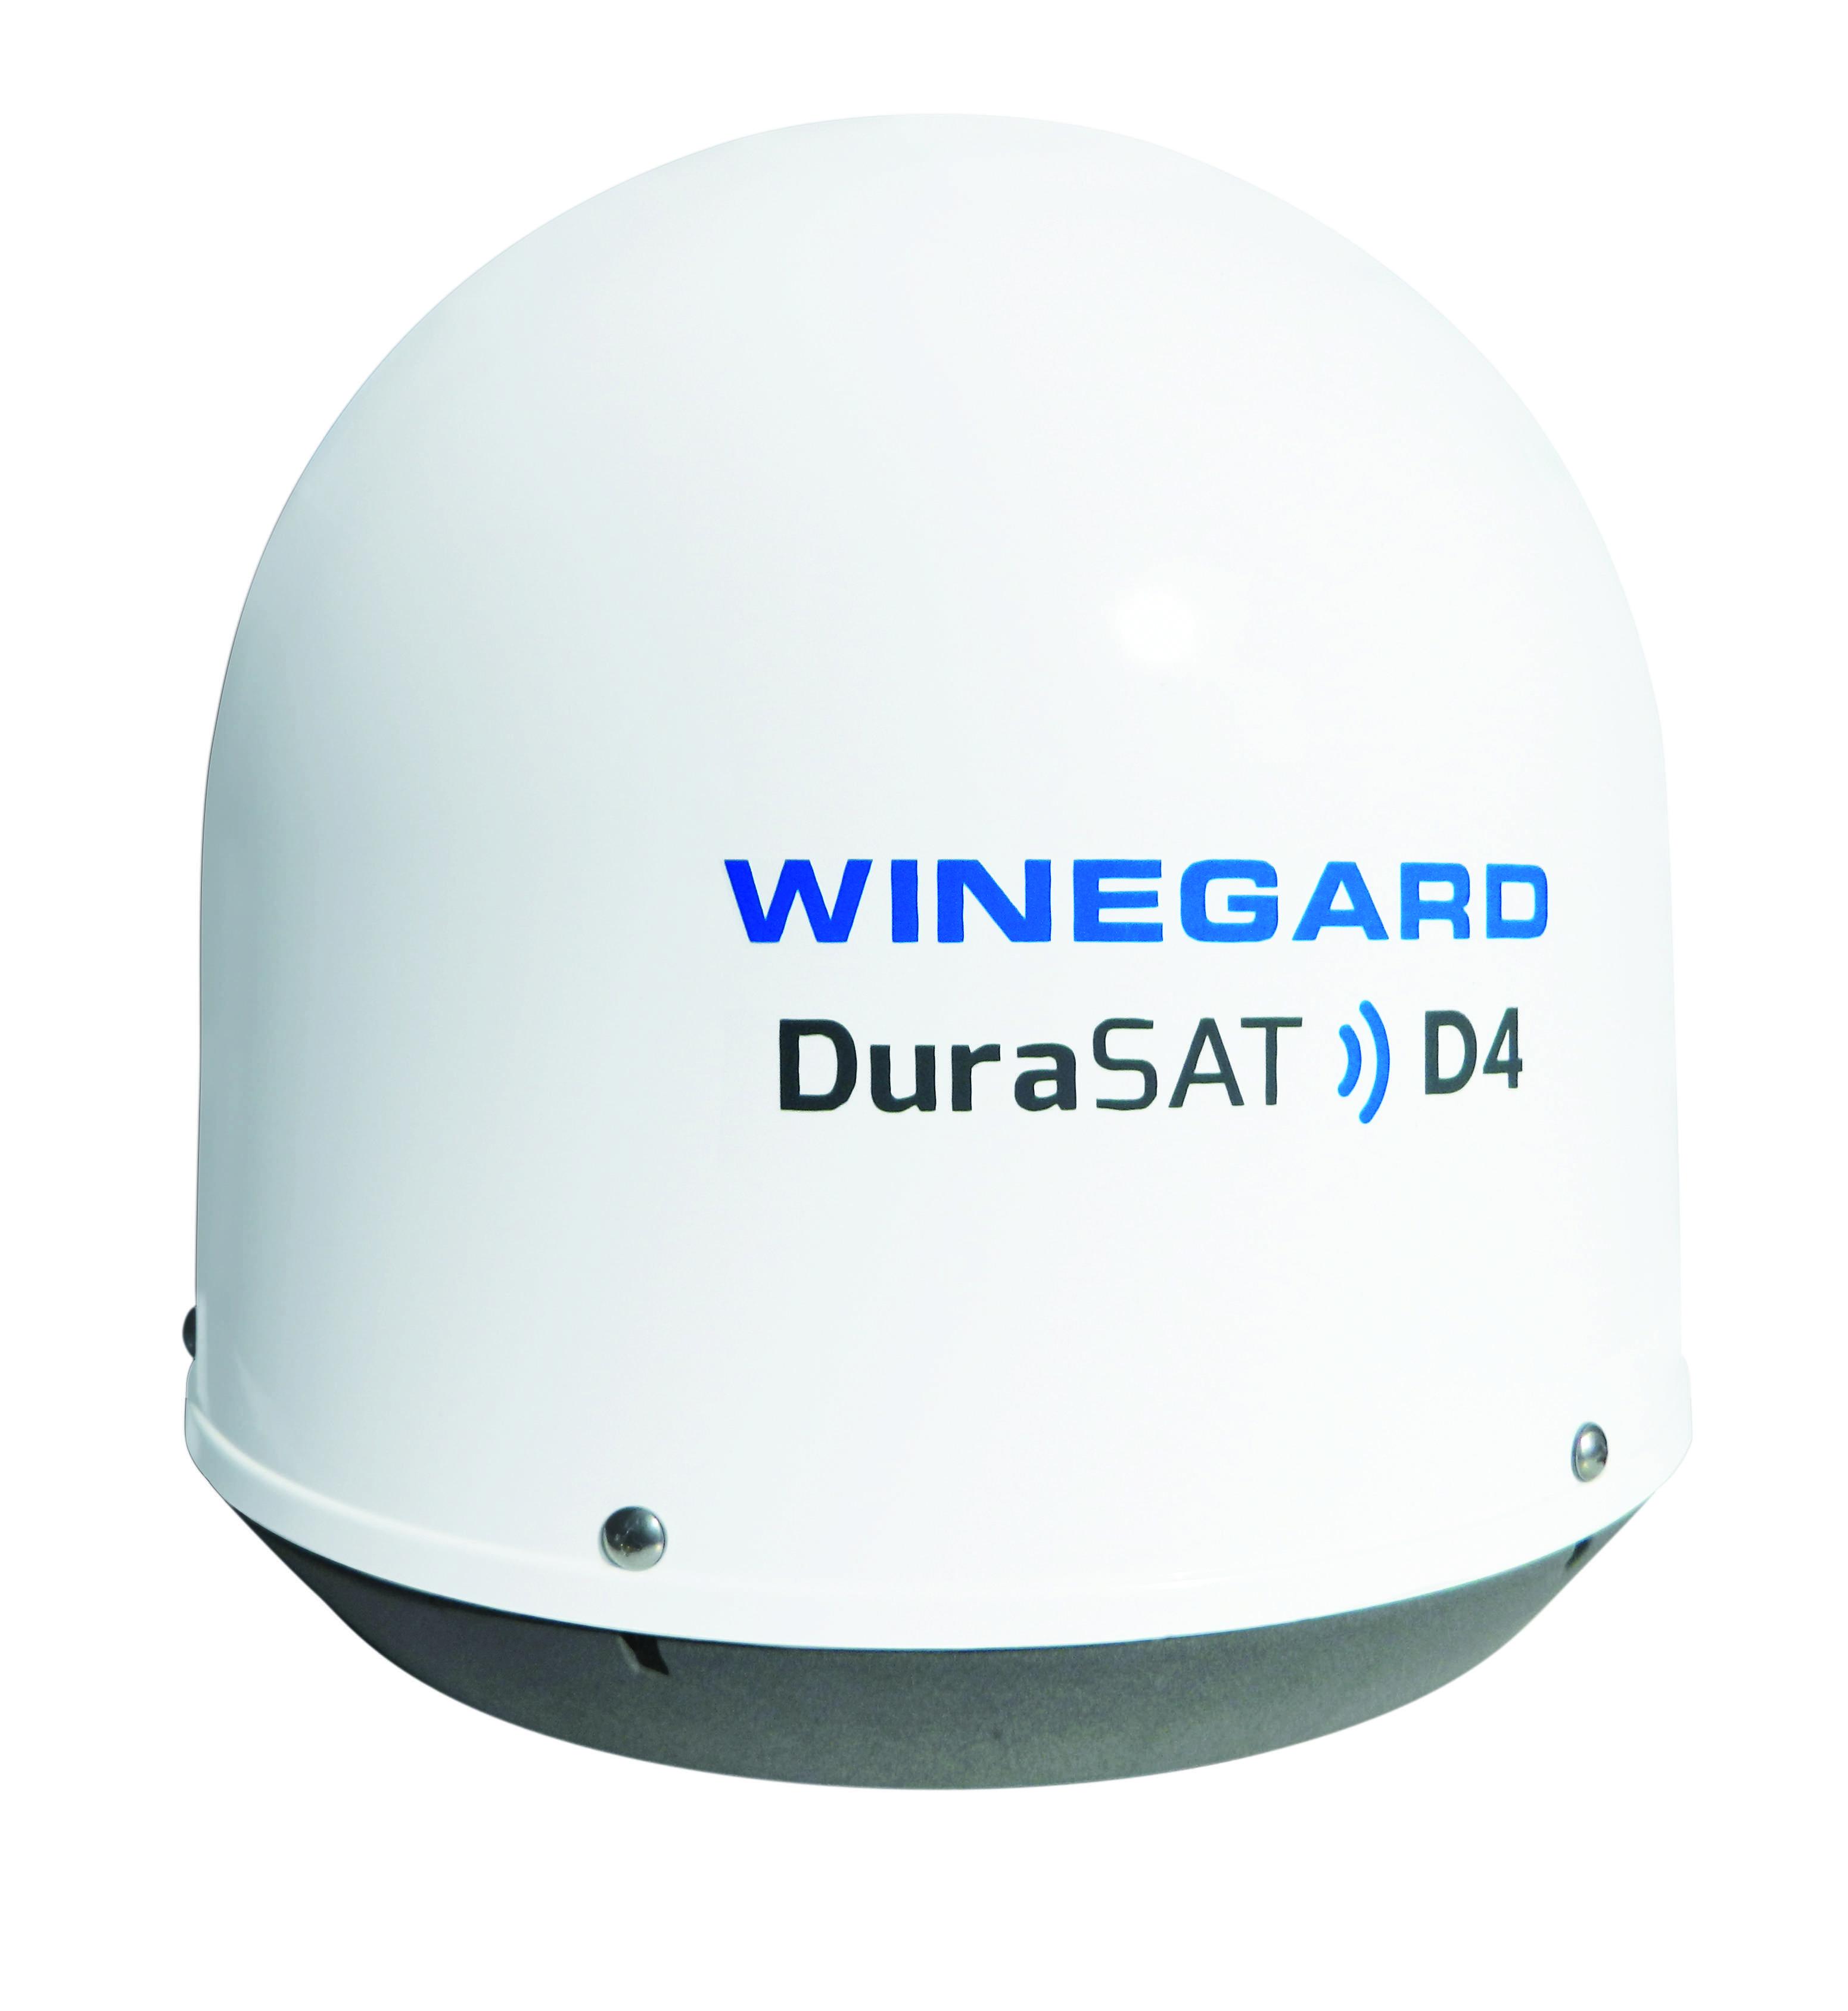 Winegard MT-SM10 Semi Truck Satellite Antenna Rear Cab Mount Truck Satellite Dish Mount, Black Winegard Company